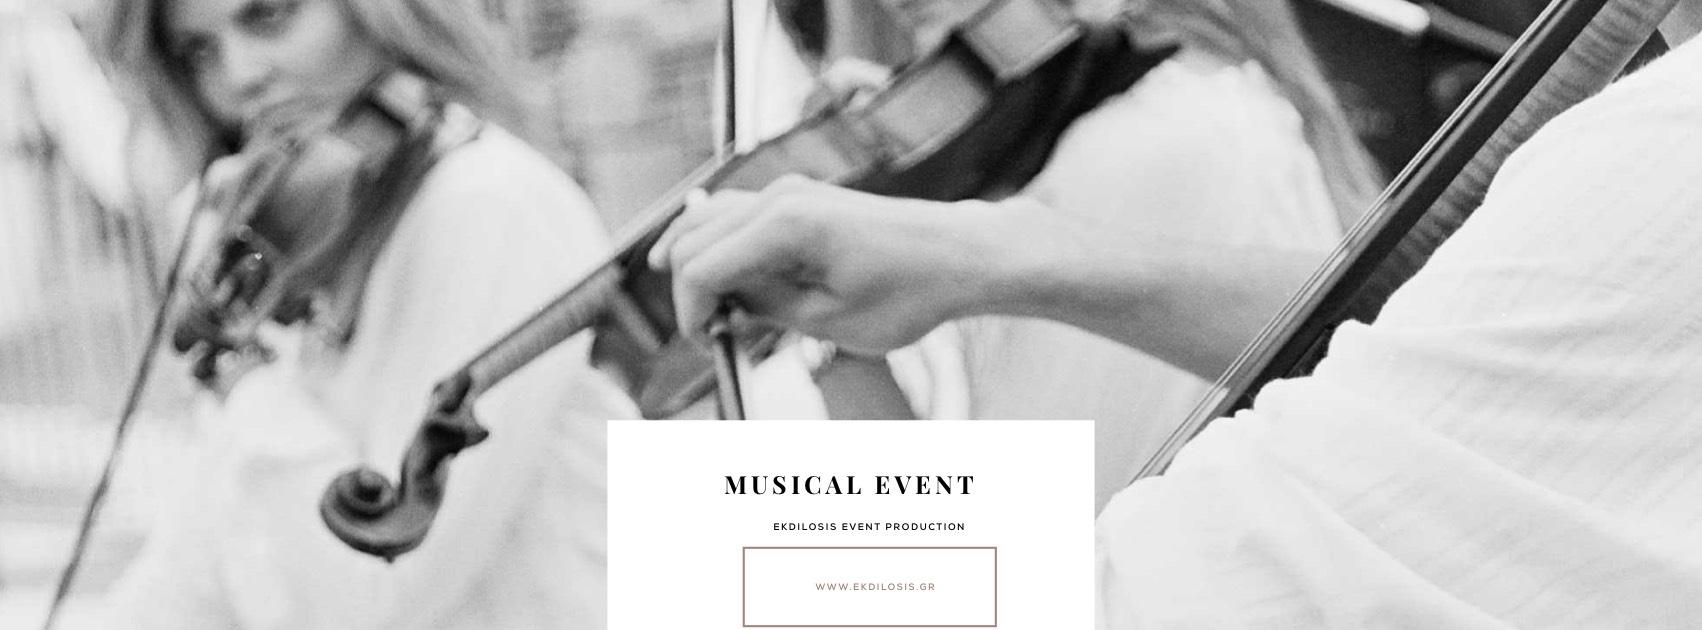 μουσική κάλυψη εκδηλώσεων Ekdilosis event production